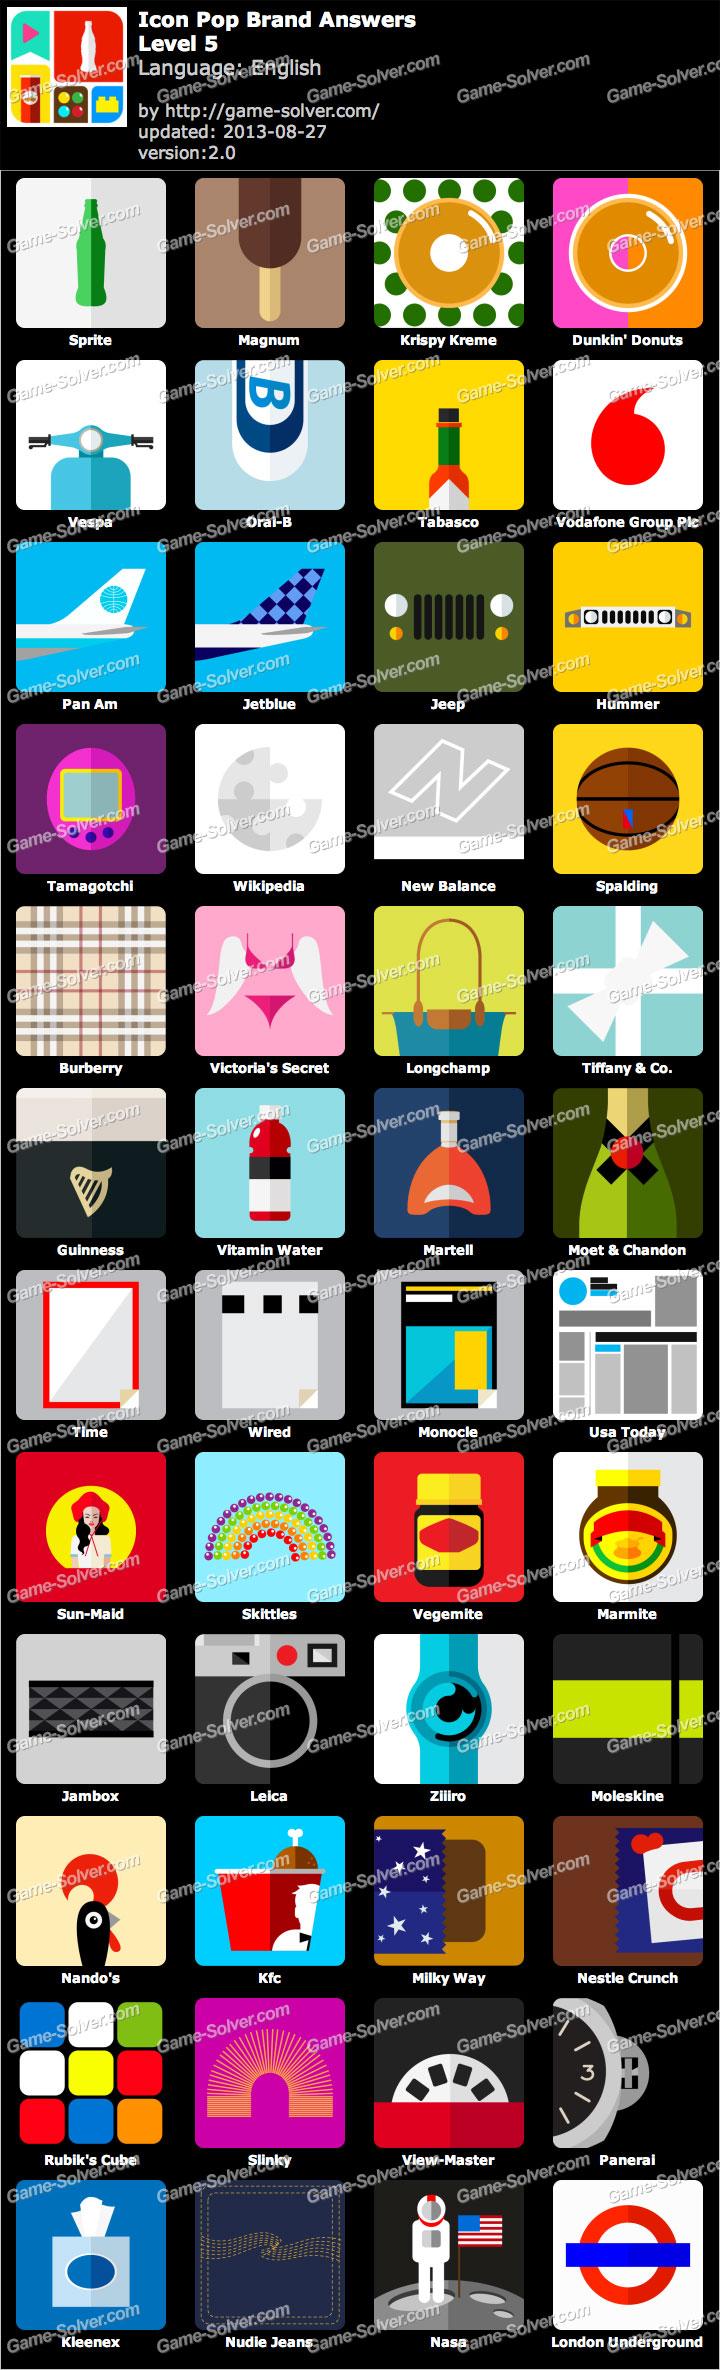 Icon Pop Brand Level 5